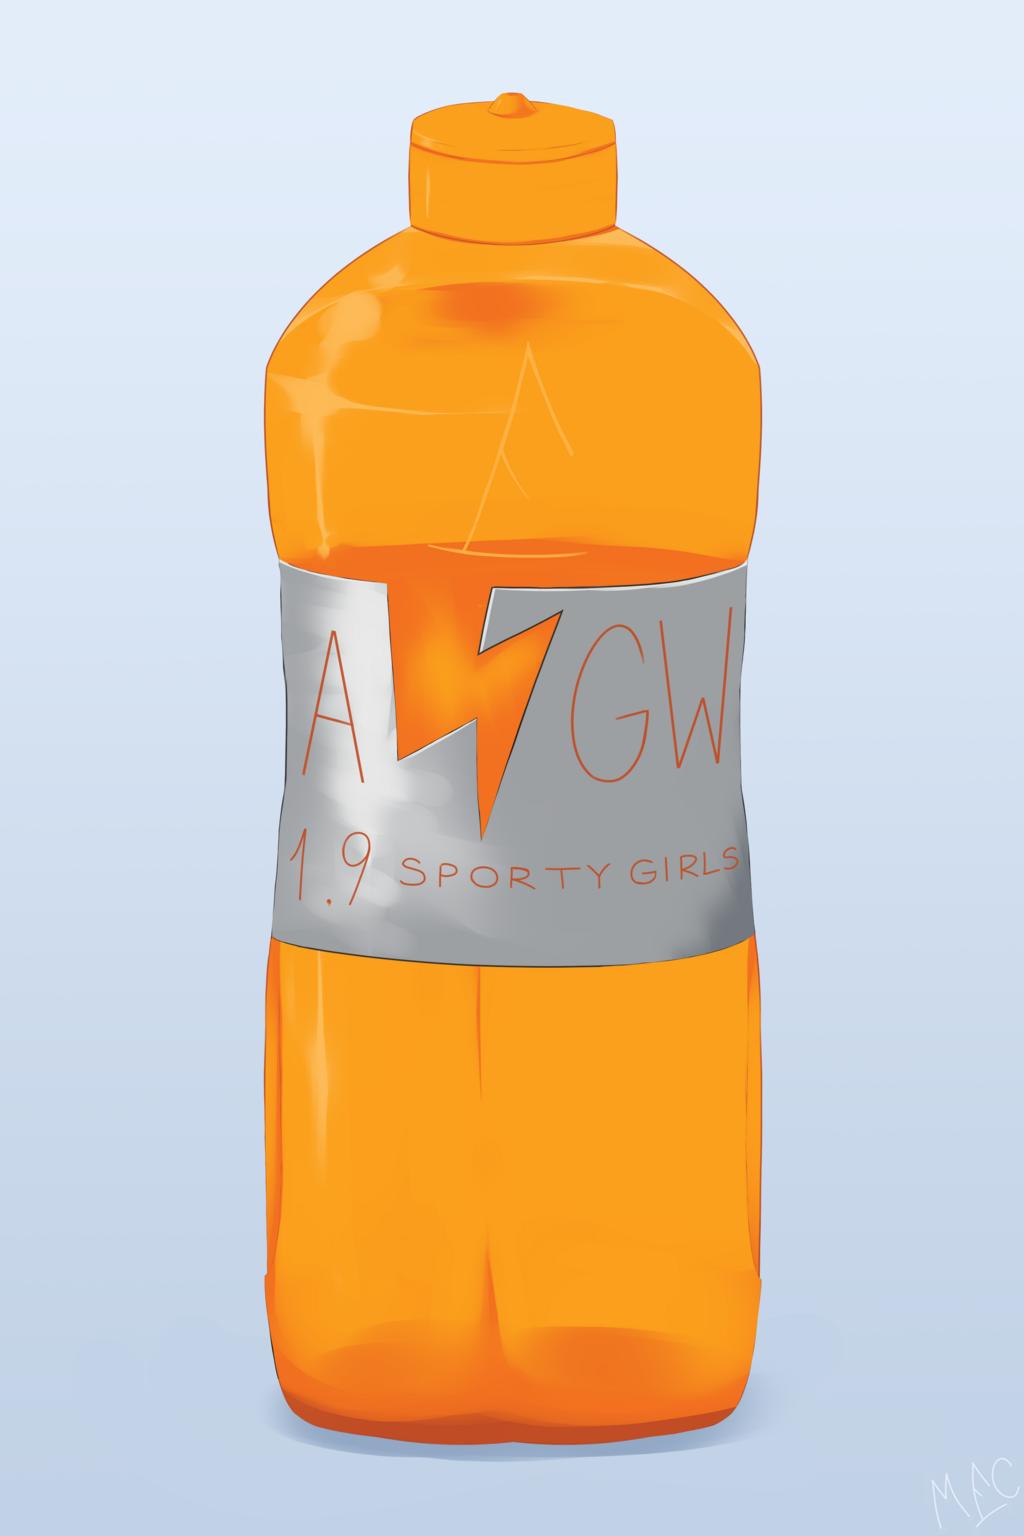 Flask of AGW 1.9